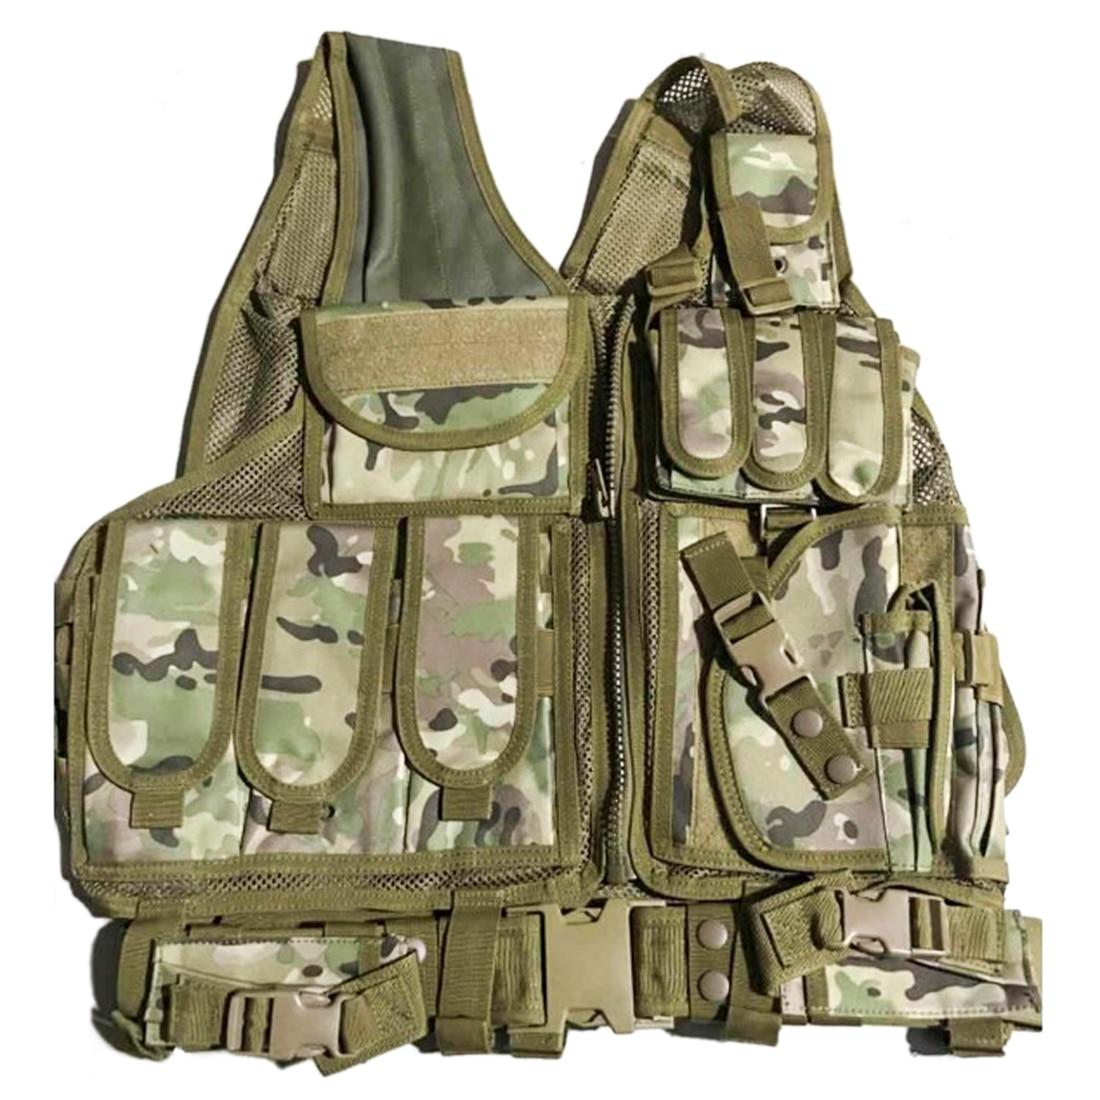 Extérieur tactique accessoires Molle multi-fonction combiné tactique protecteur pour Nerf défense jouet pistolet modifié accessoires